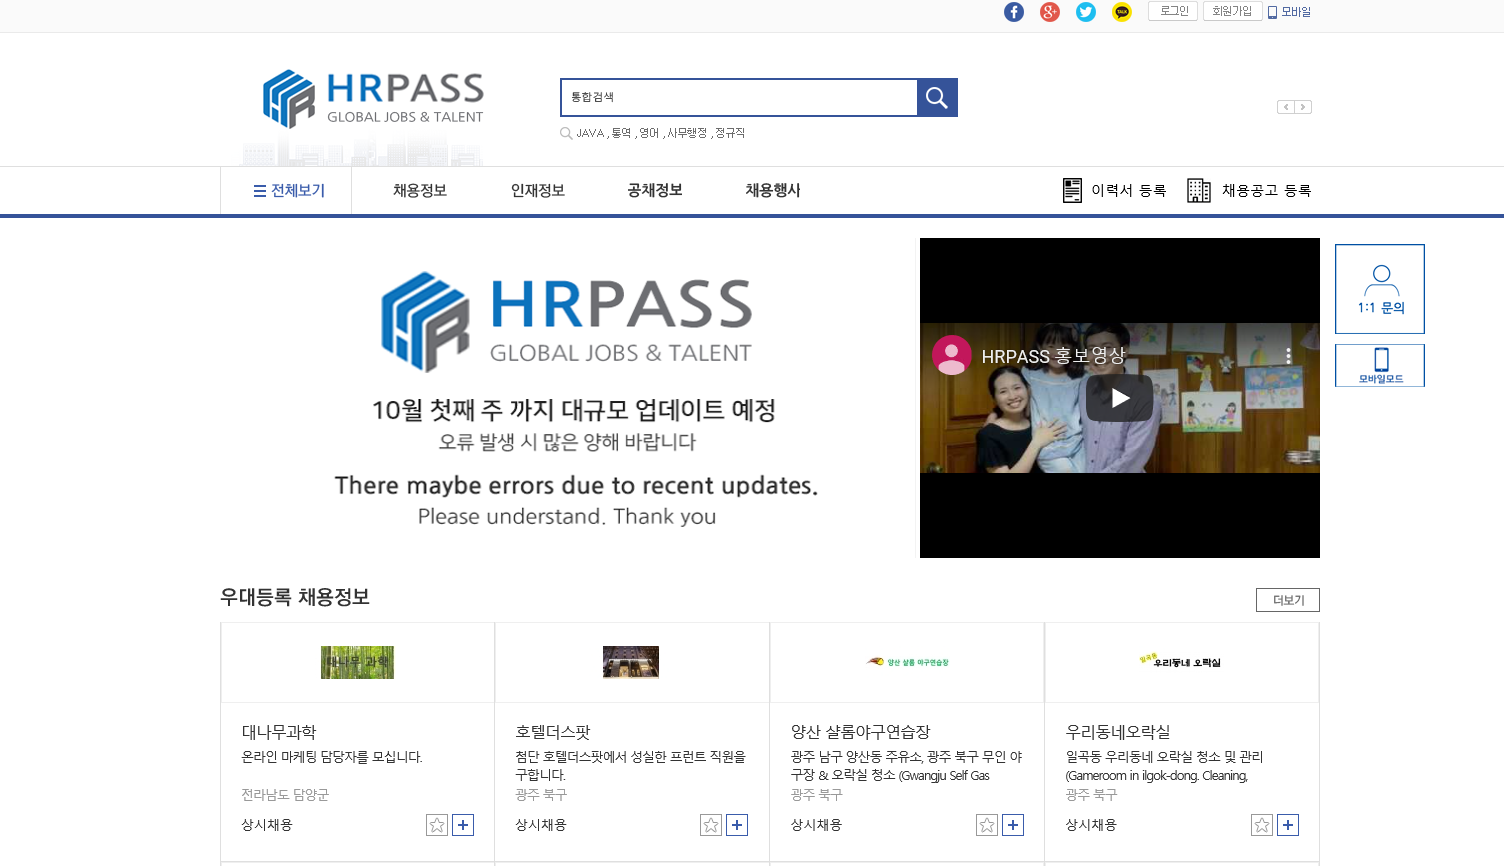 HRPASS